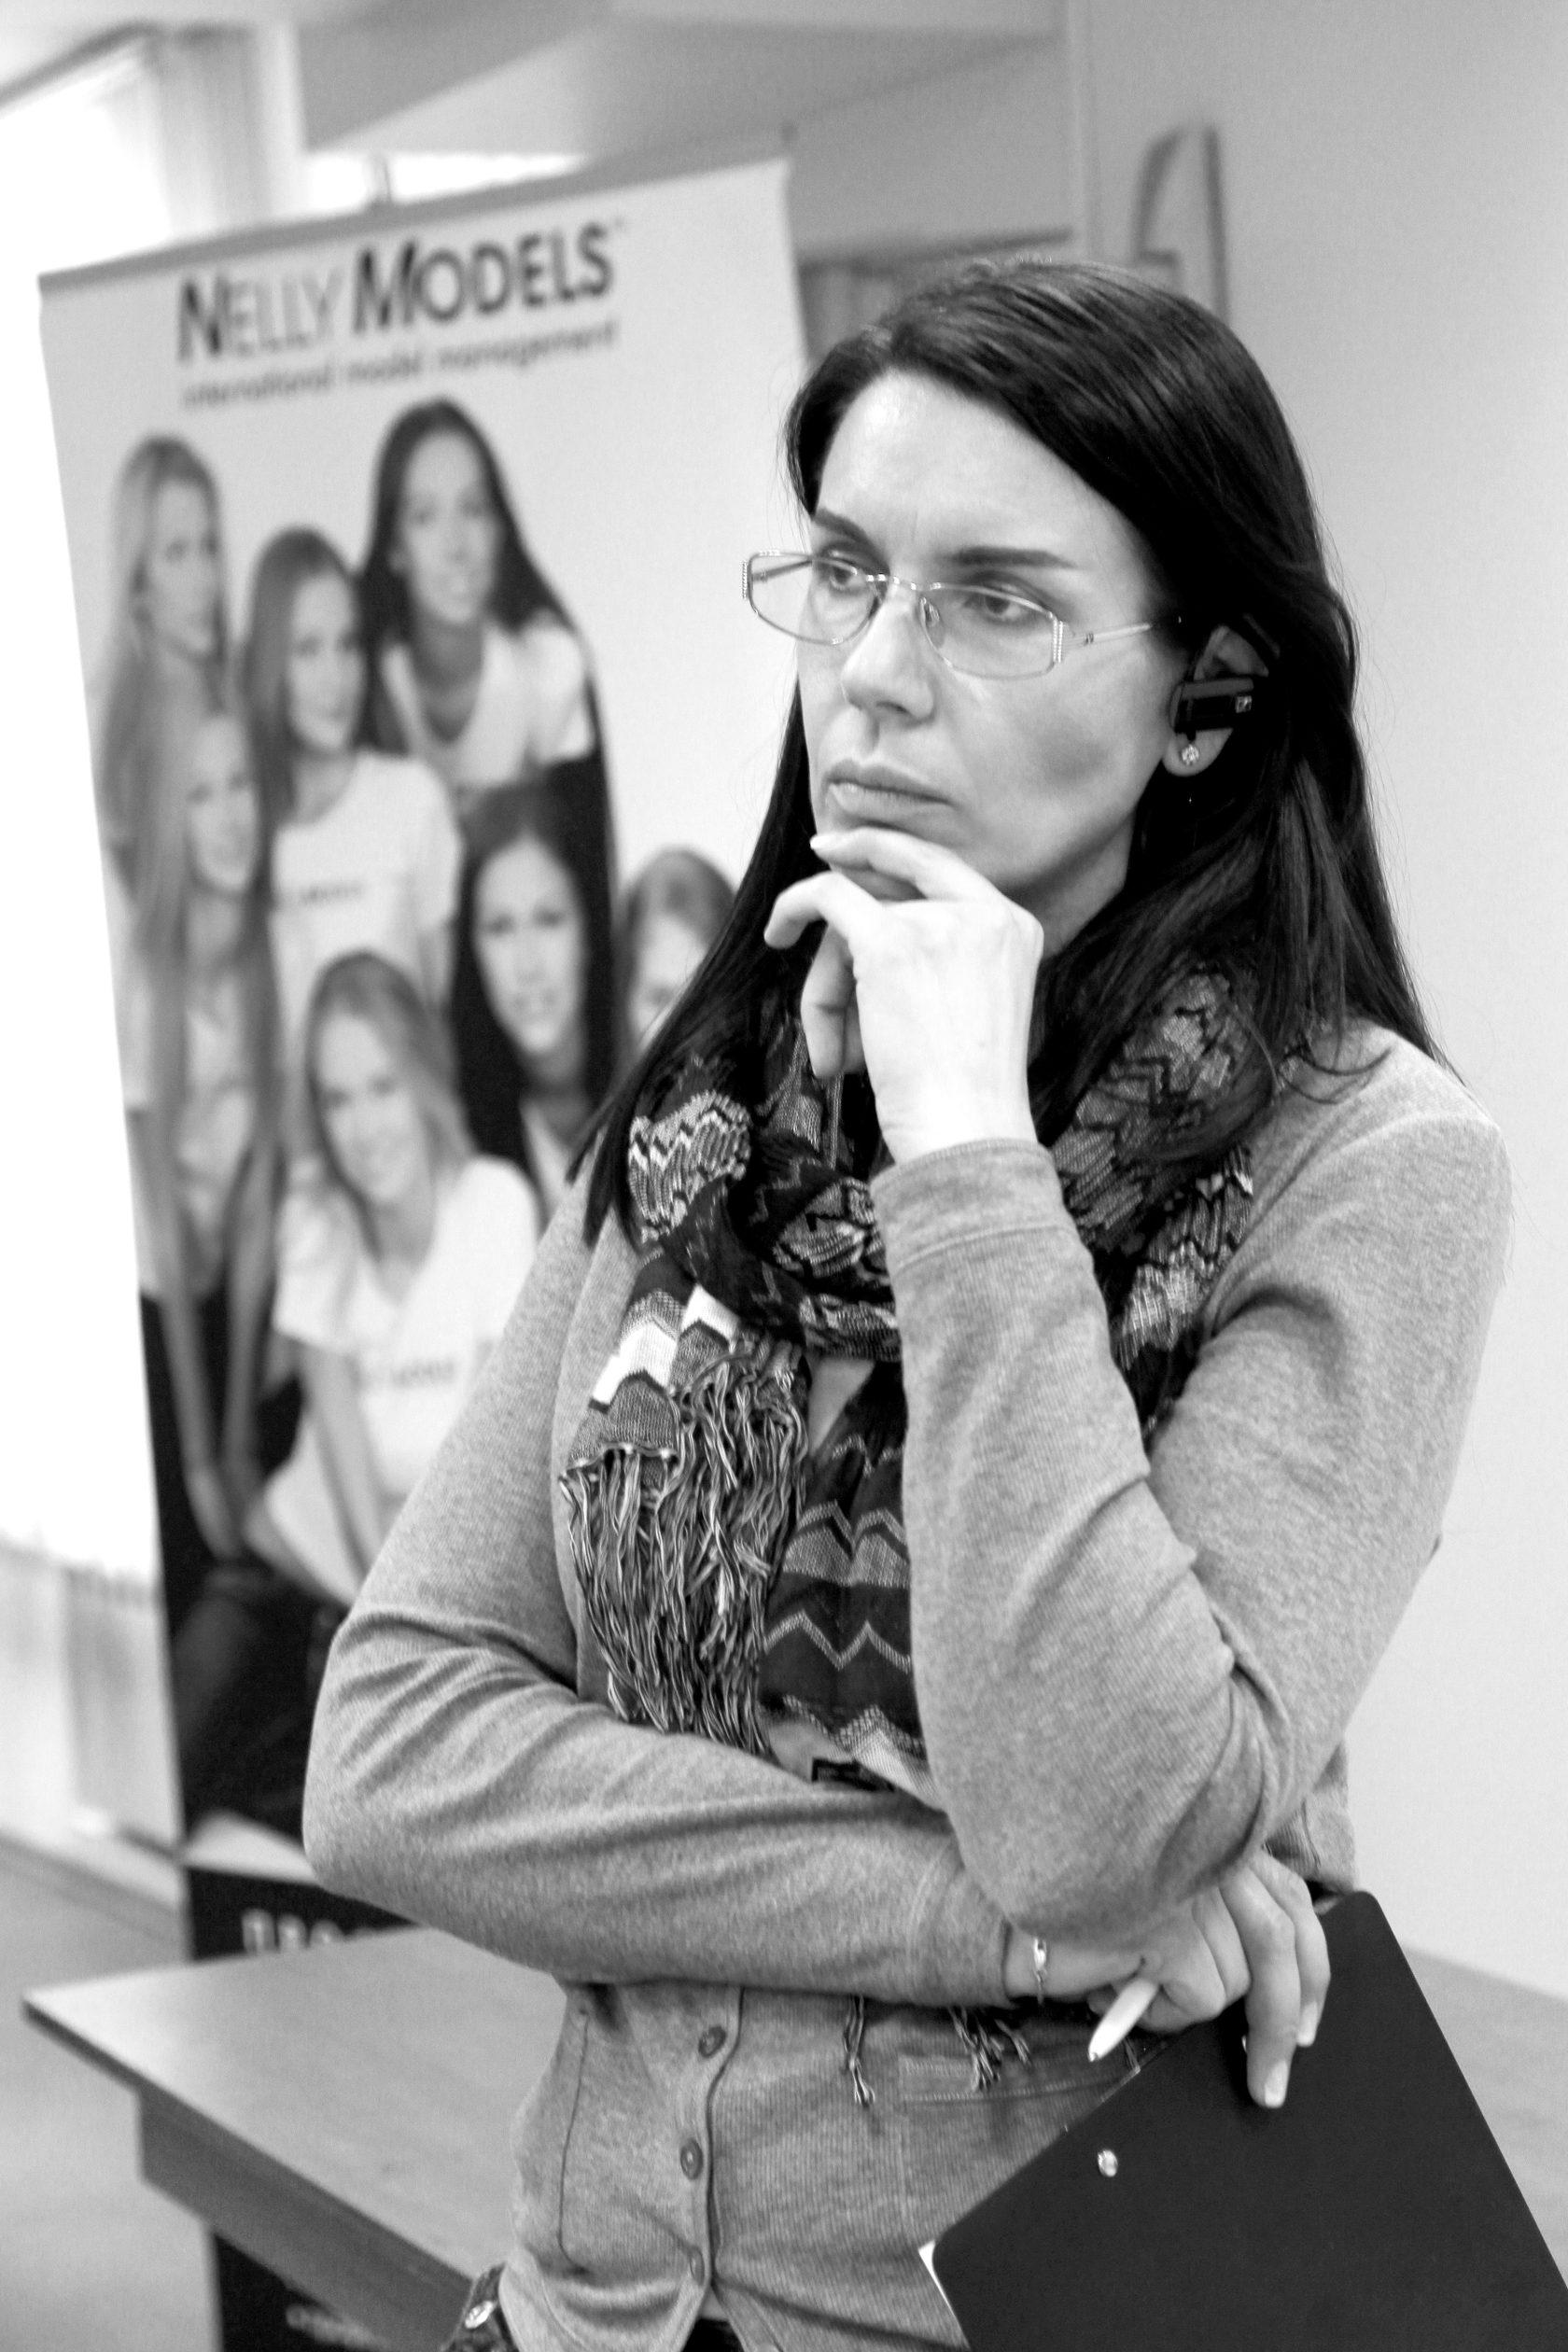 Работа модели в омске приезжая девушка ищет работу